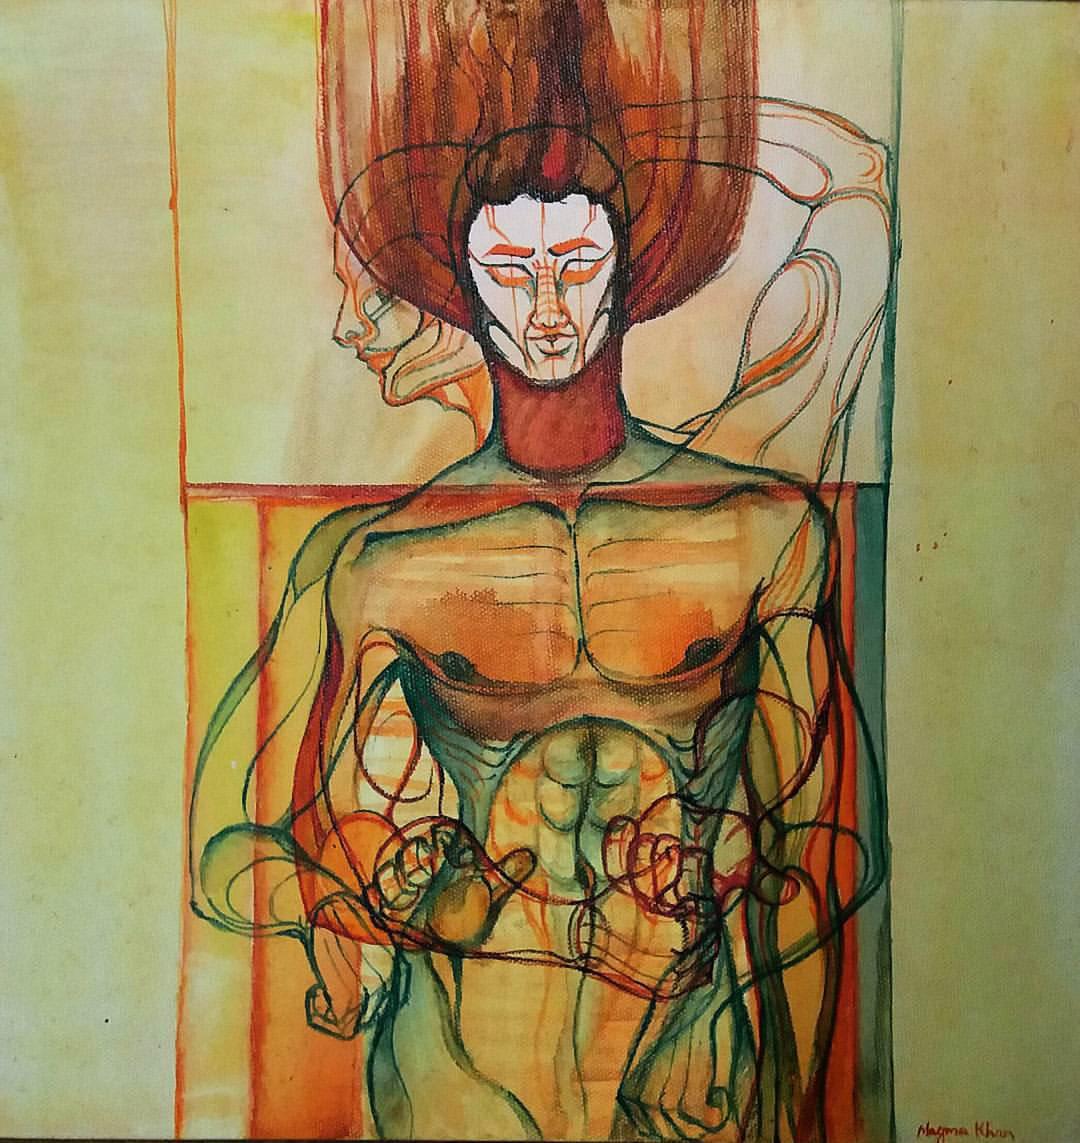 nagma khan - male anatomy